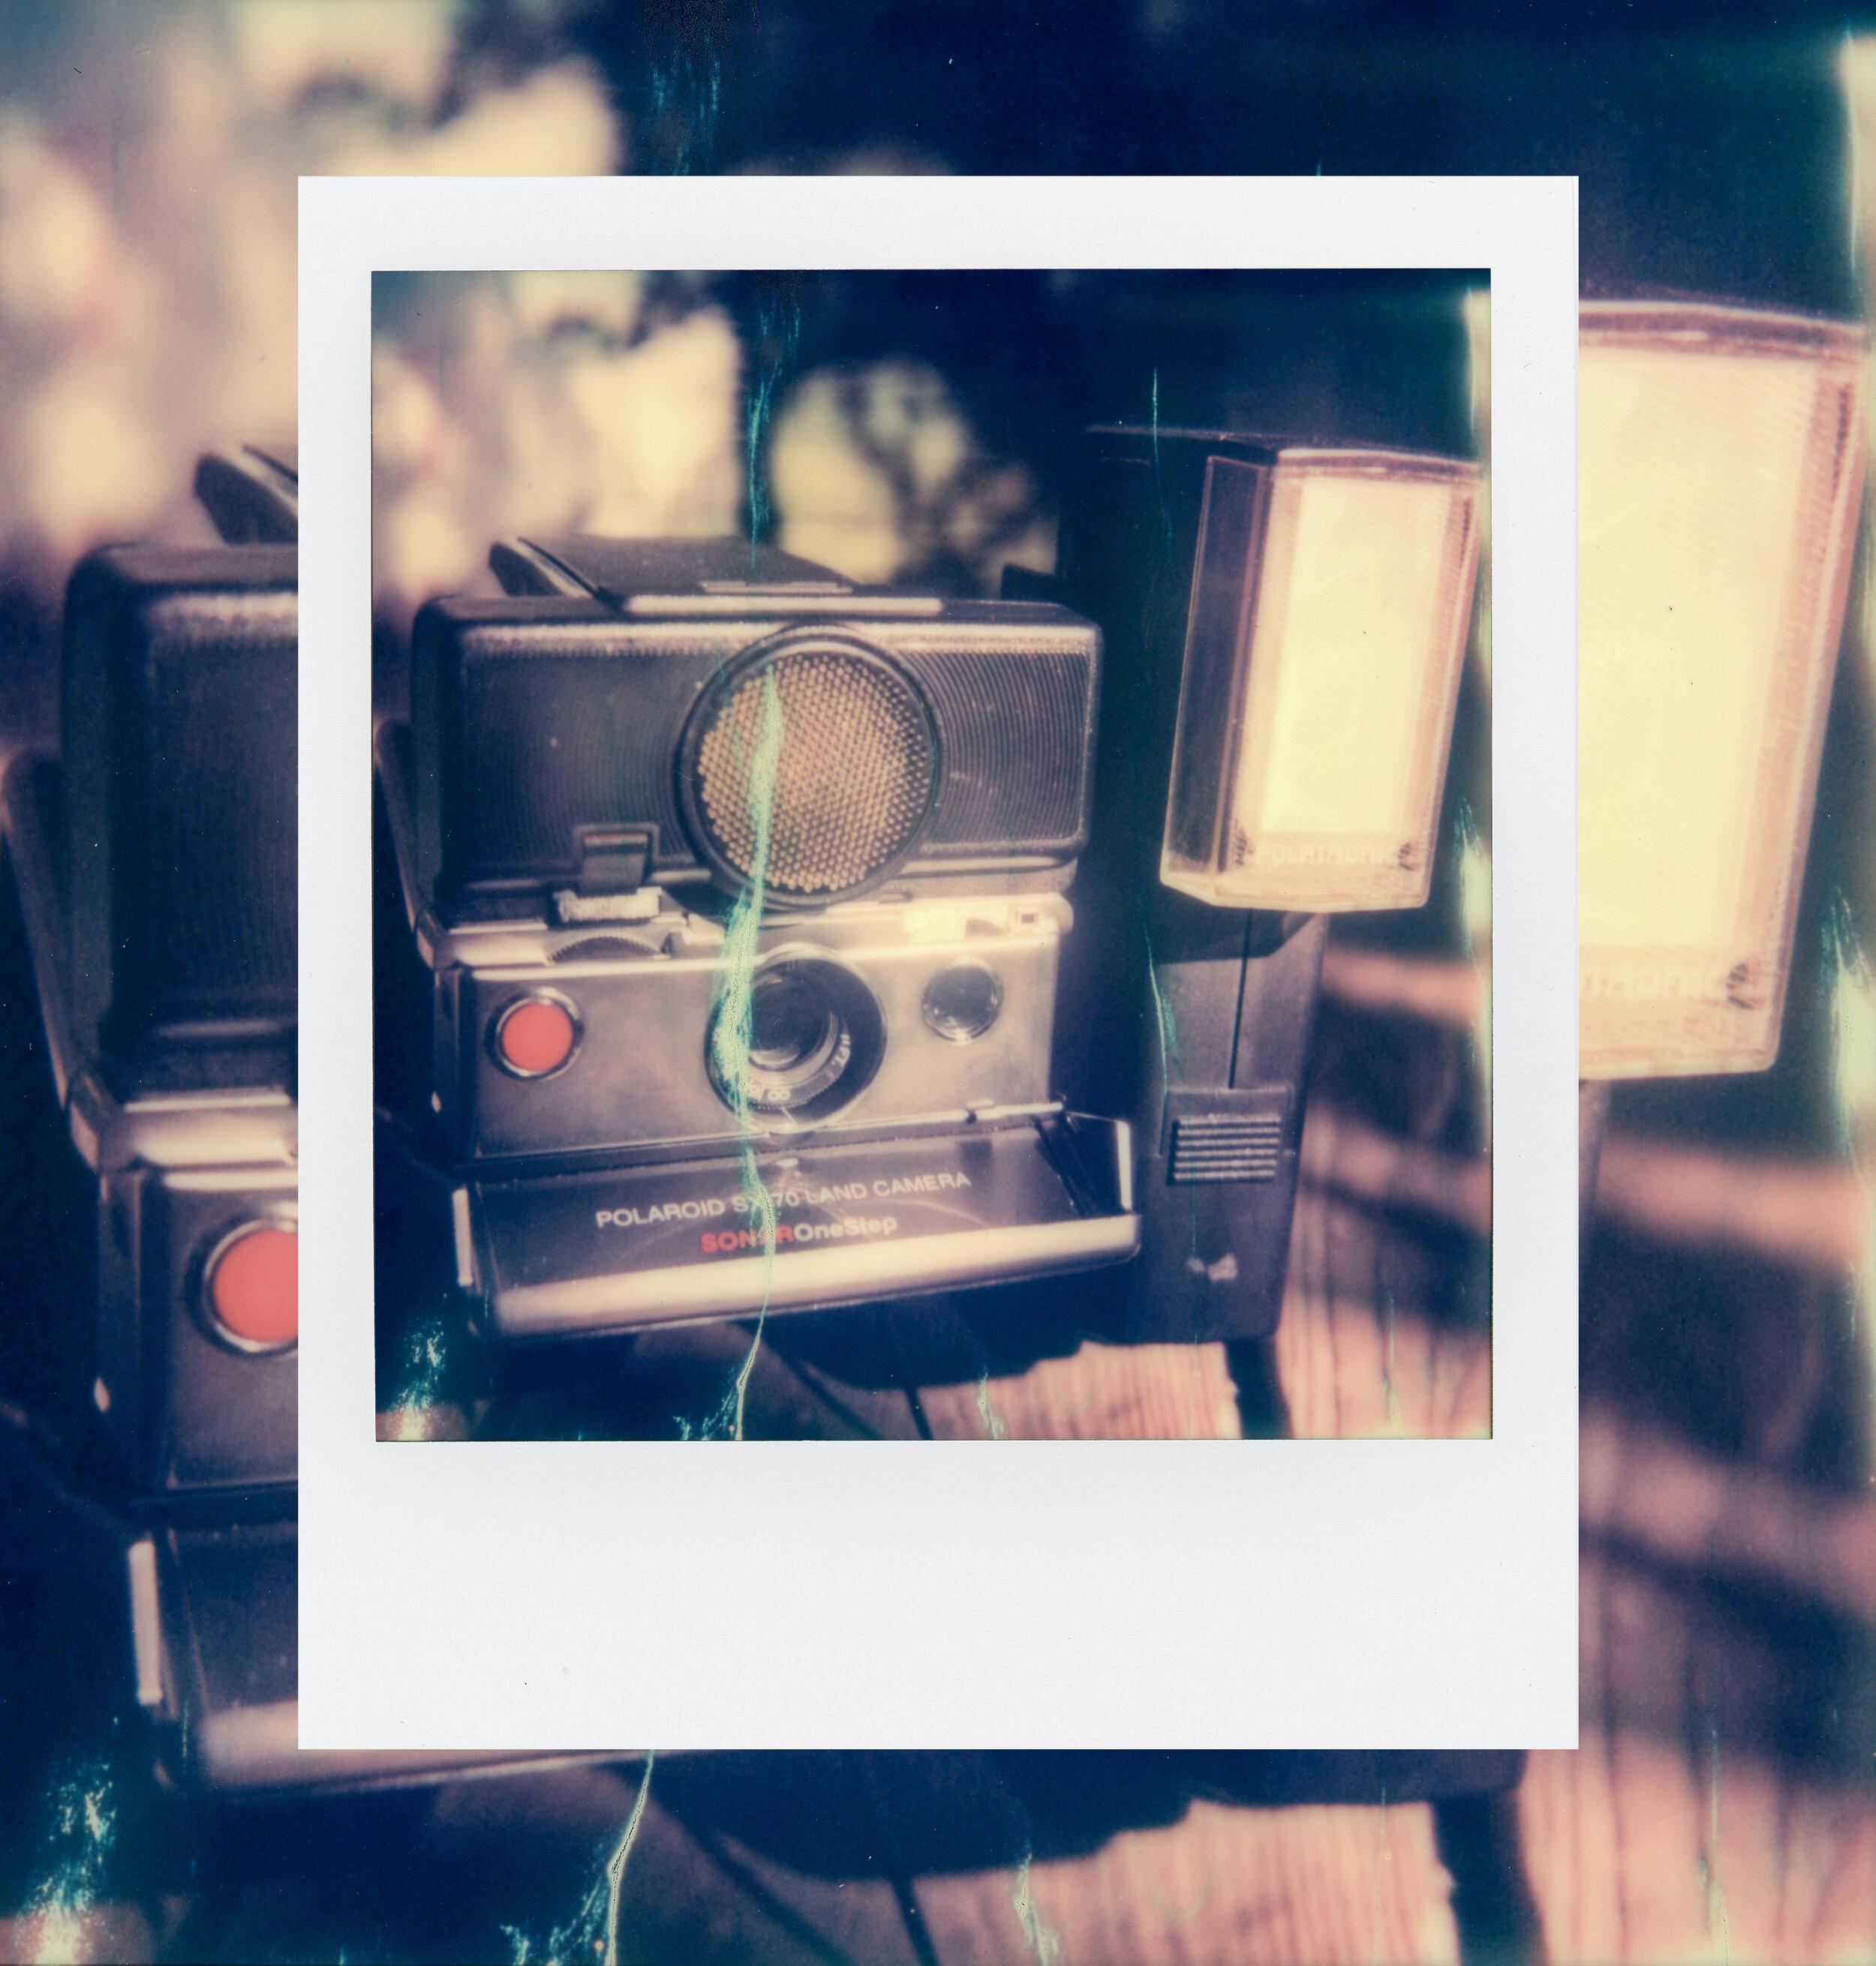 Sx70_Polaroid_.jpg